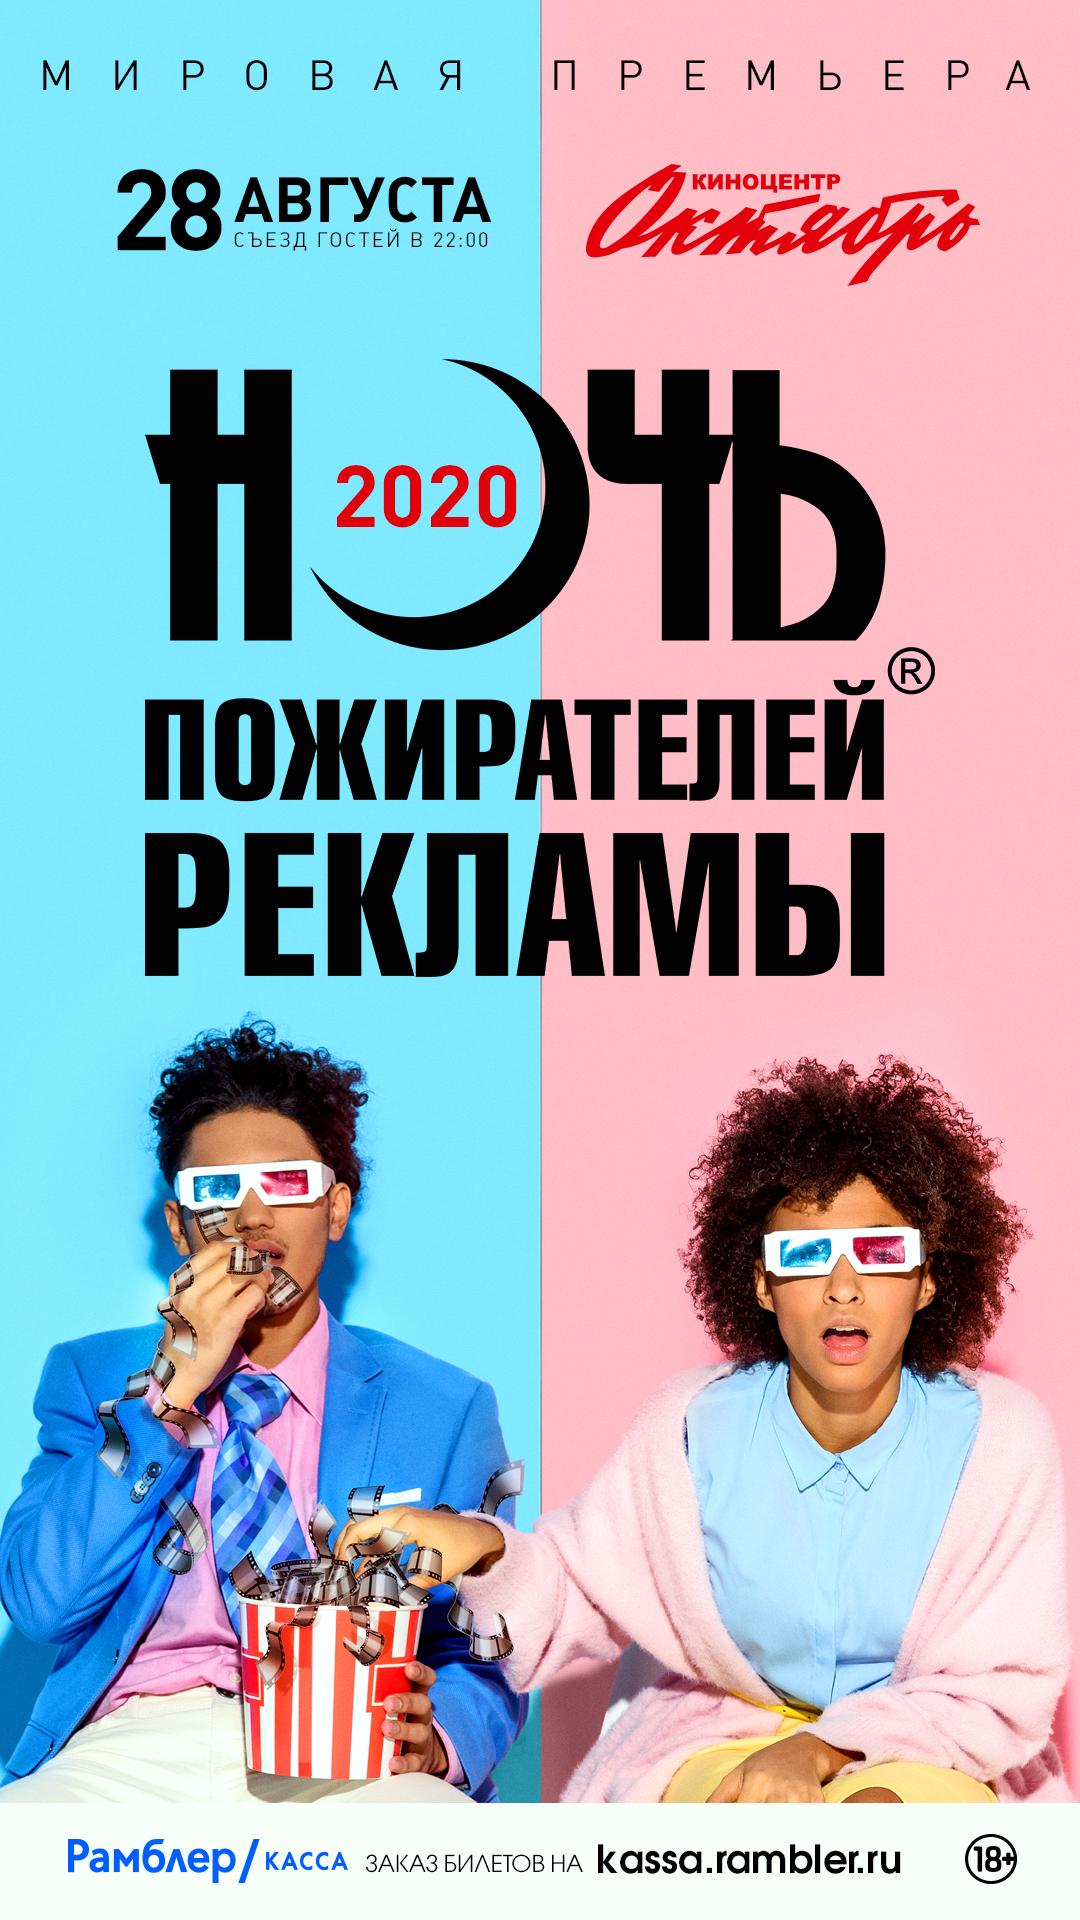 Ночь пожирателей рекламы-2020